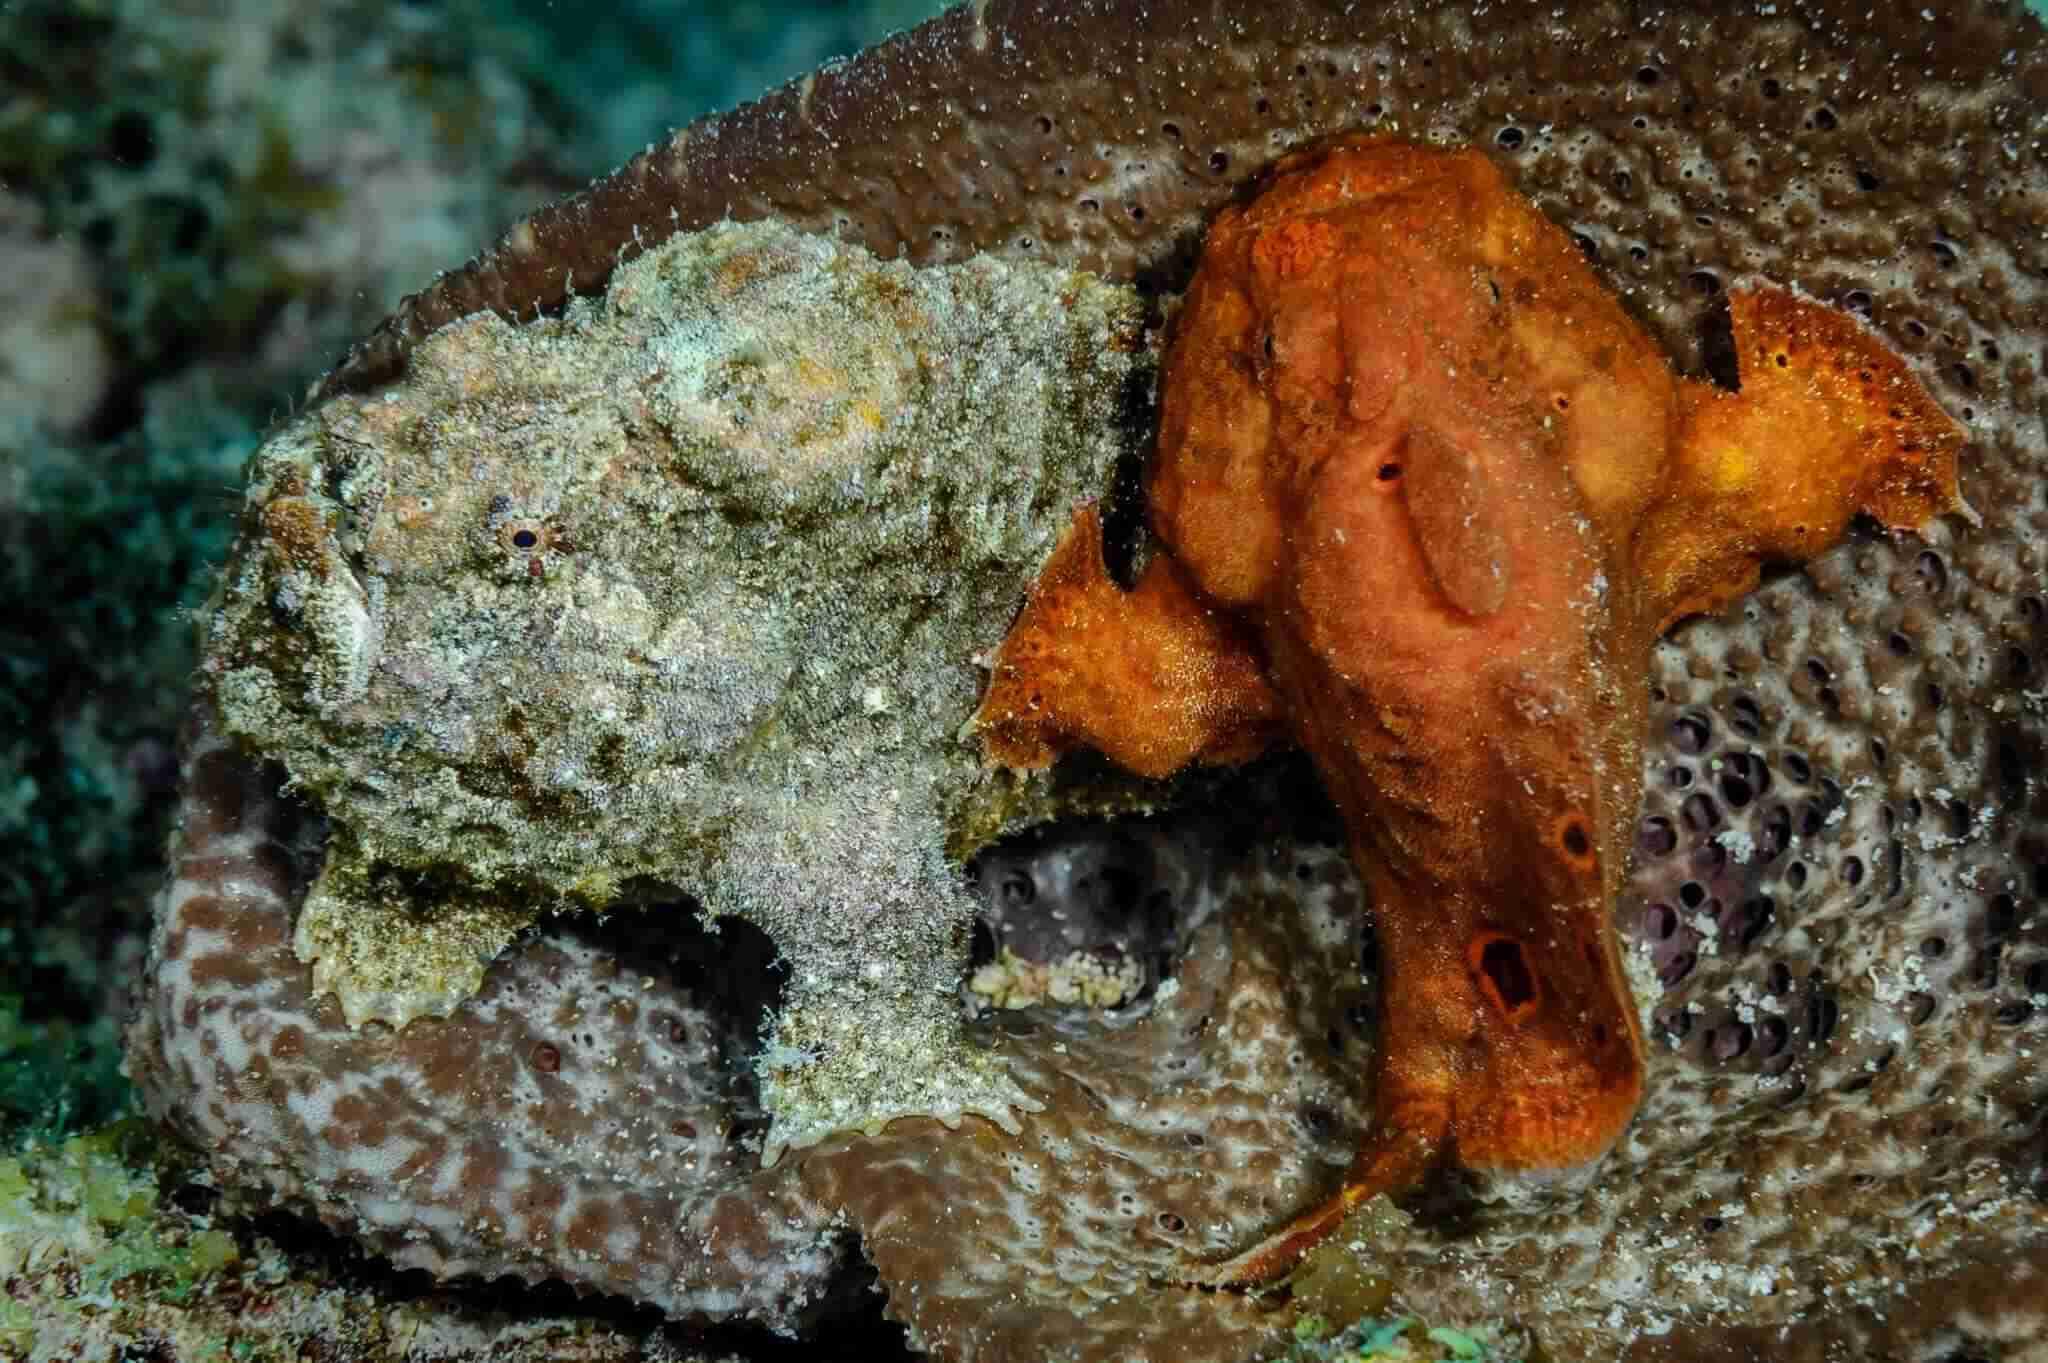 Playa Hulu | Curaçao Dive Site Guide | Dive Travel Curacao